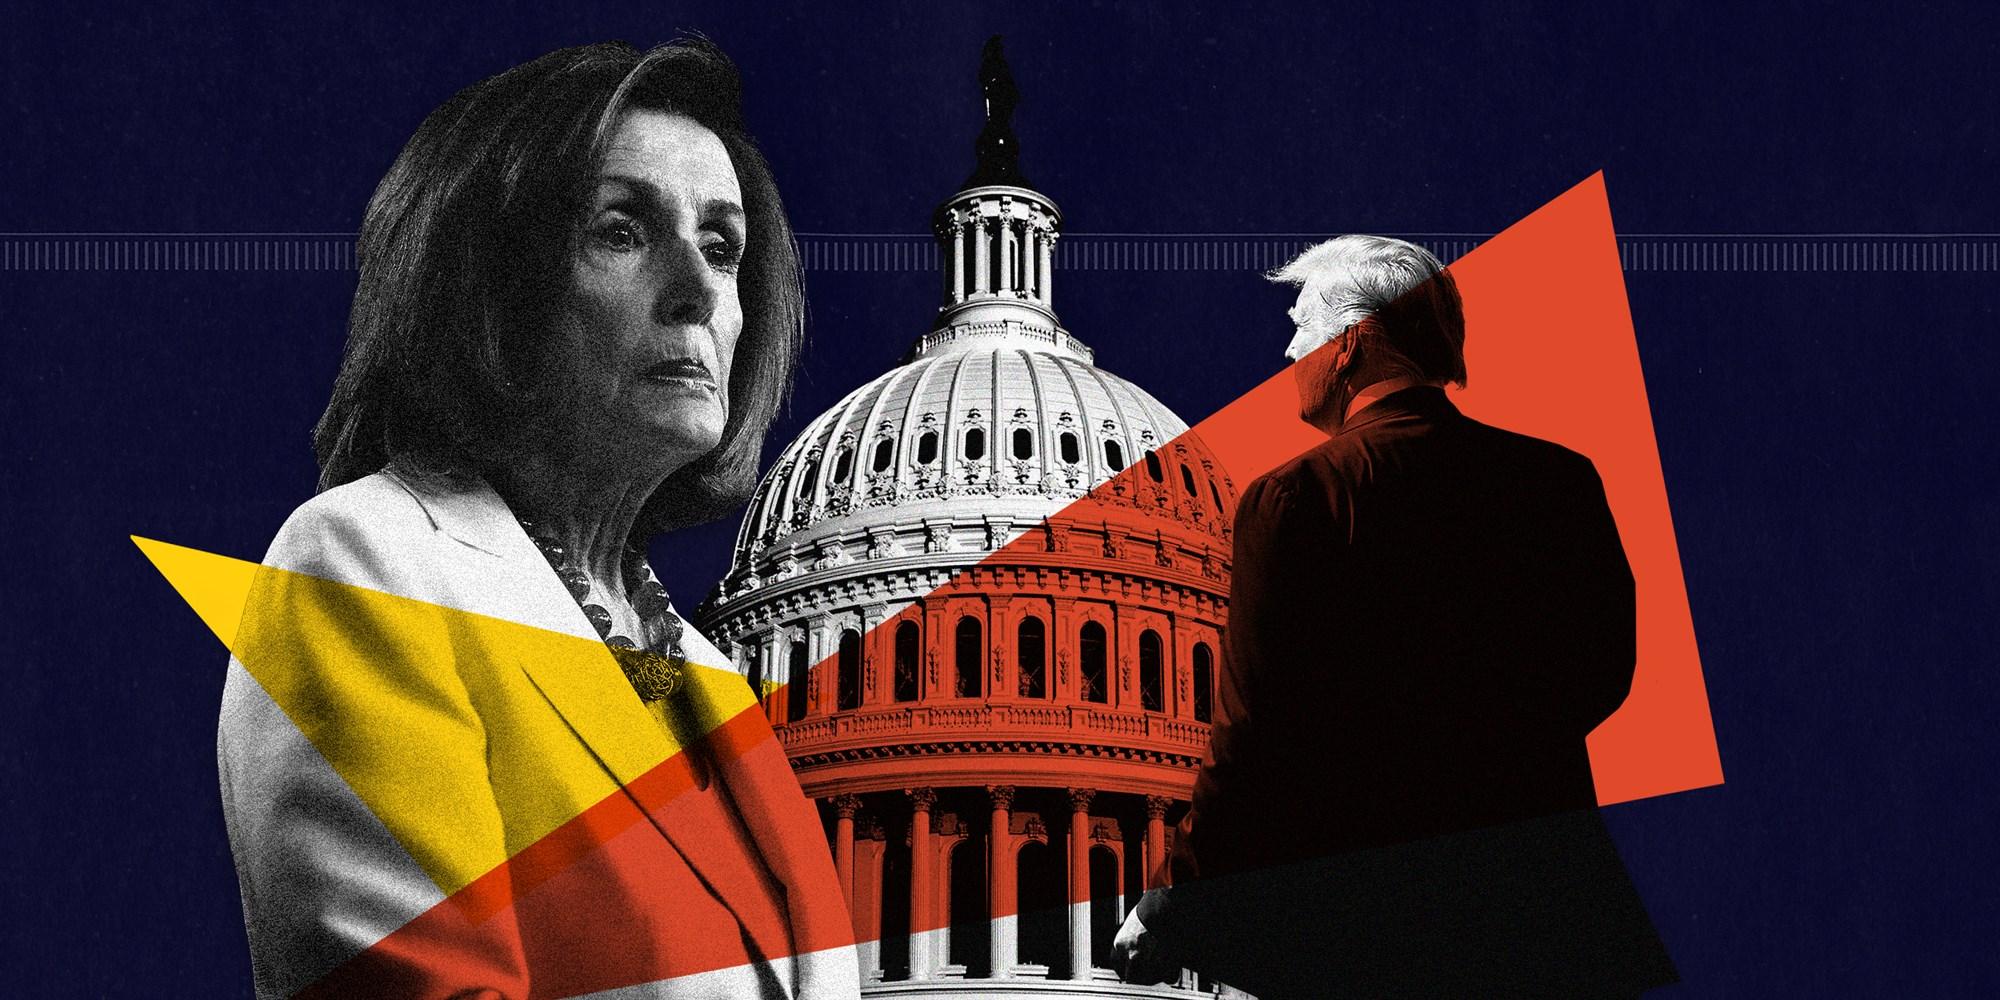 هفته گذشته بود که نانسی پلوسی، سخنگوی مجلس نمایندگان ایالات متحده اعلام کرد که ماجرای استیضاح دونالد ترامپ، رییس جمهور ایالات متحده، که در ماه های اخیر بسیار در مورد آن گمانه زنی شده بود بالاخره وارد فاز عملی شده و دنبال خواهد شد.